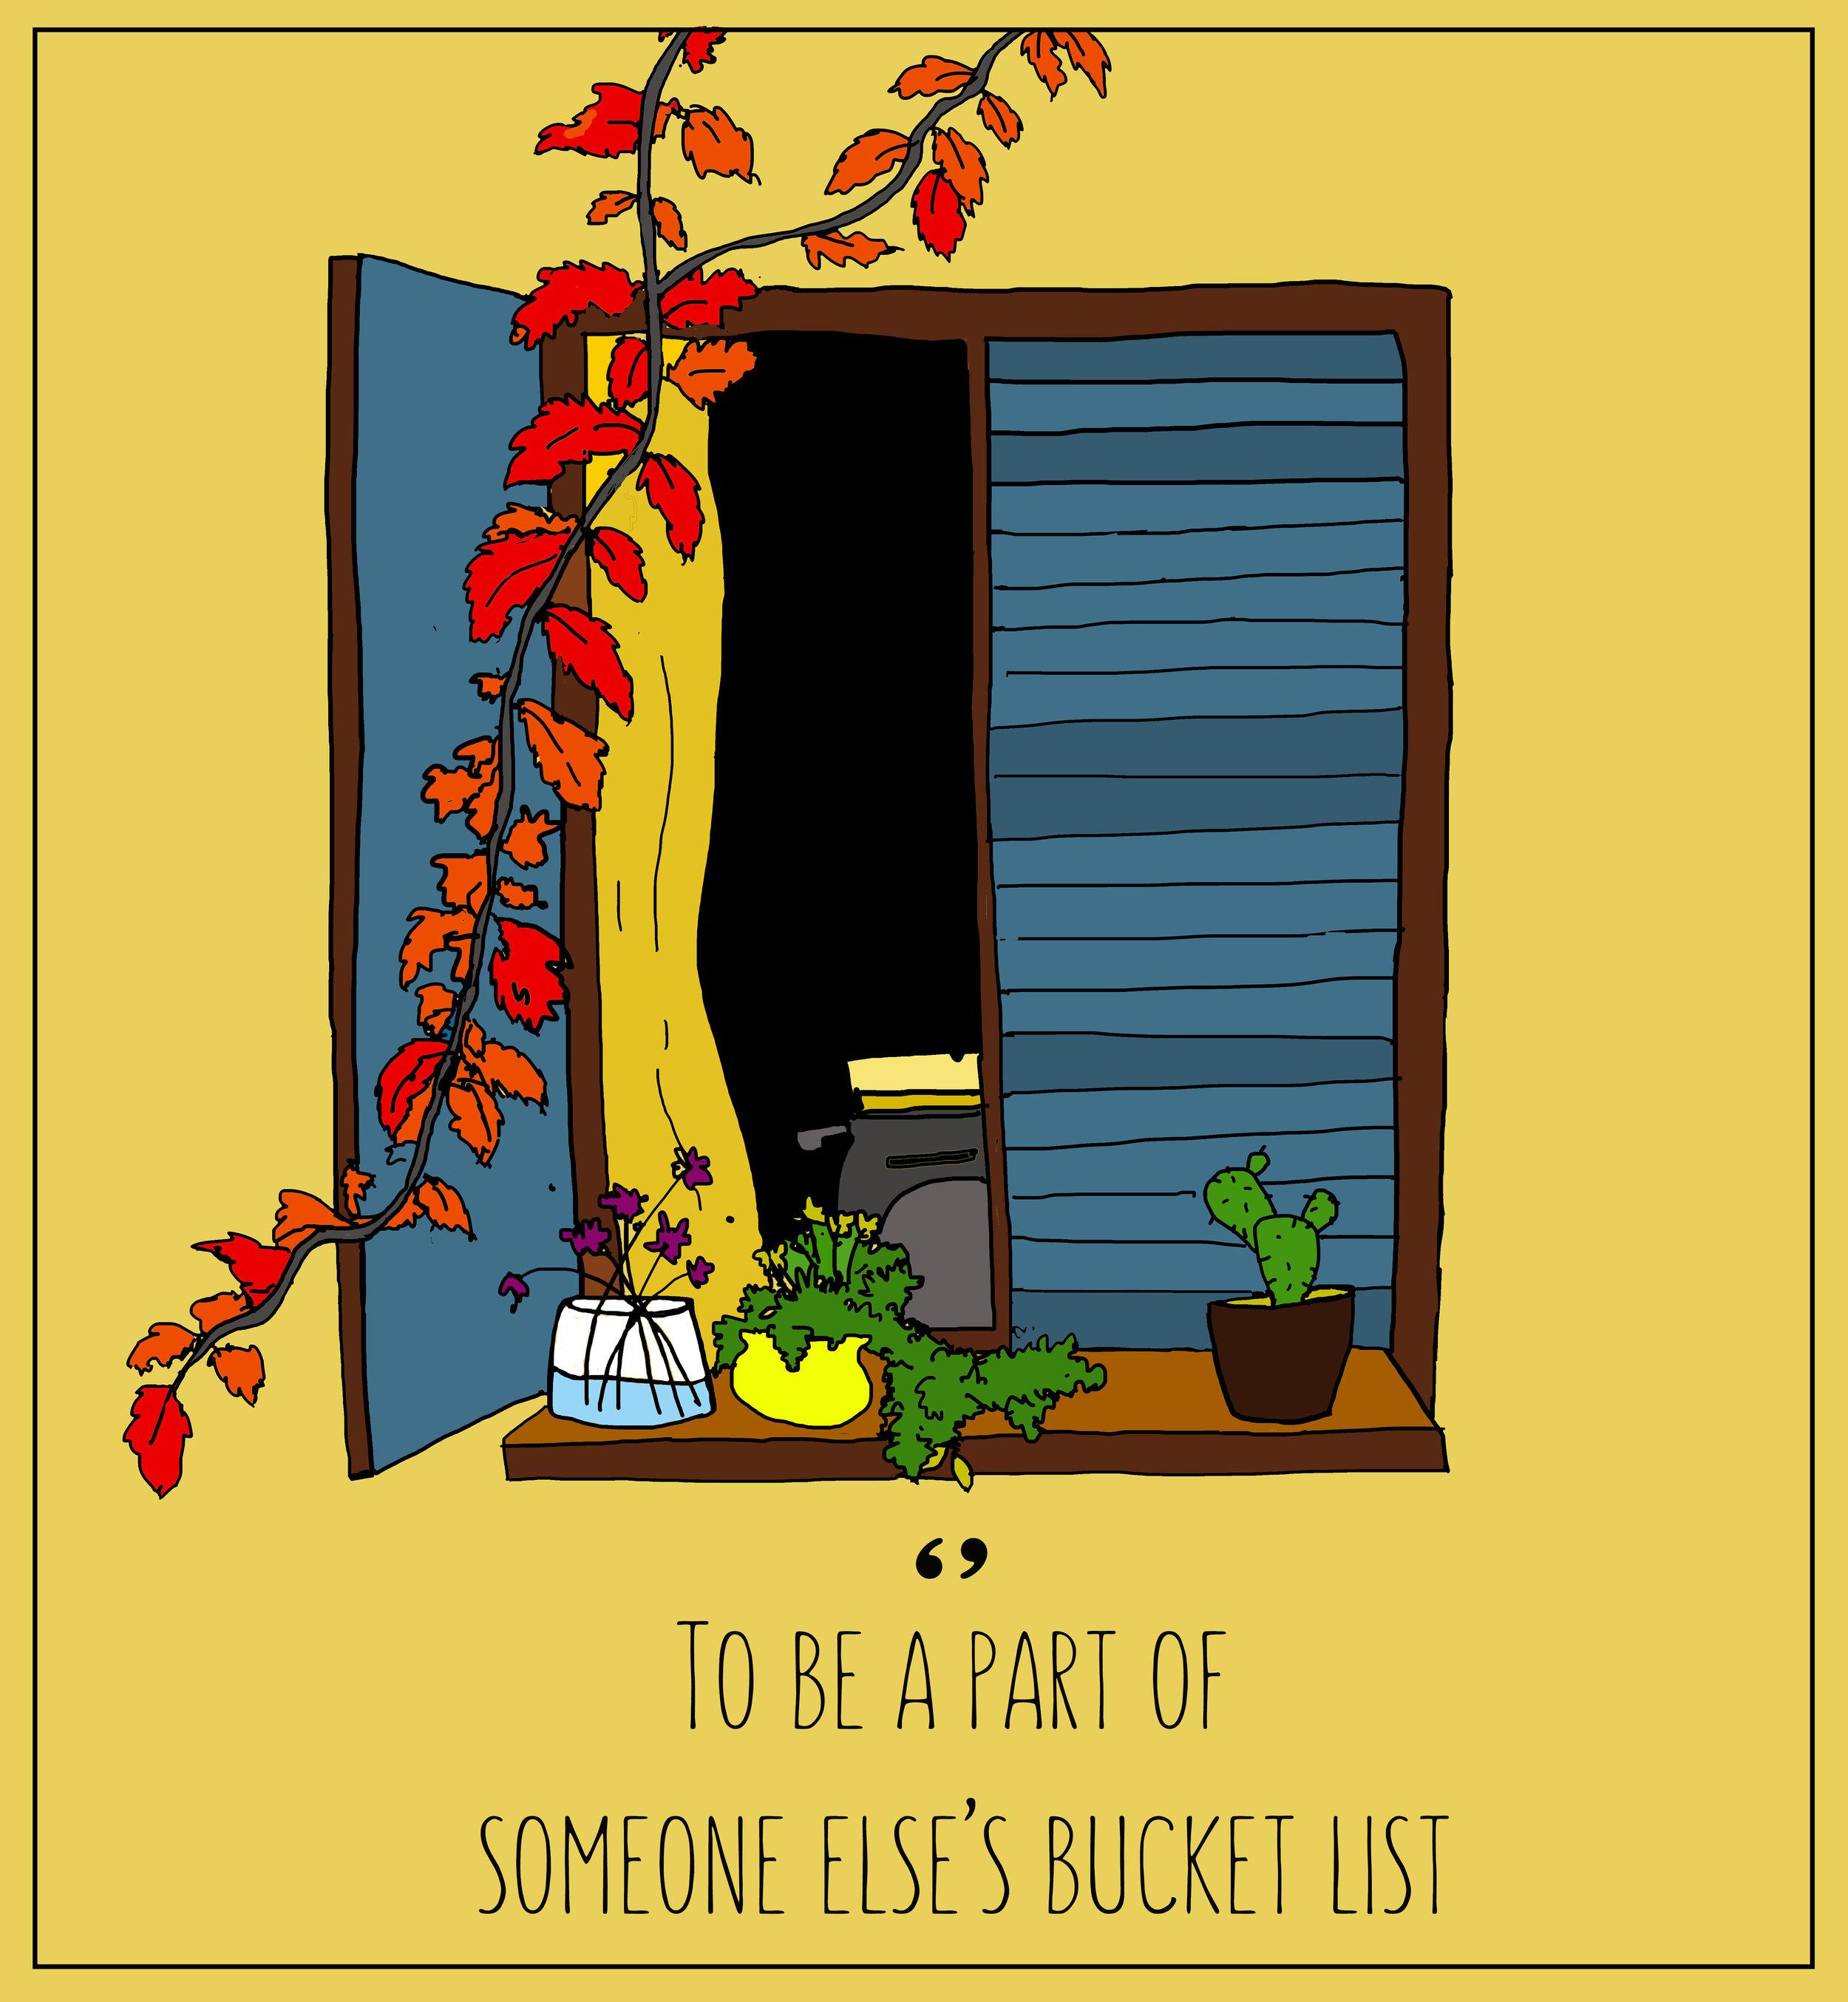 Her bucket list , by Monjira Sen for TLJ